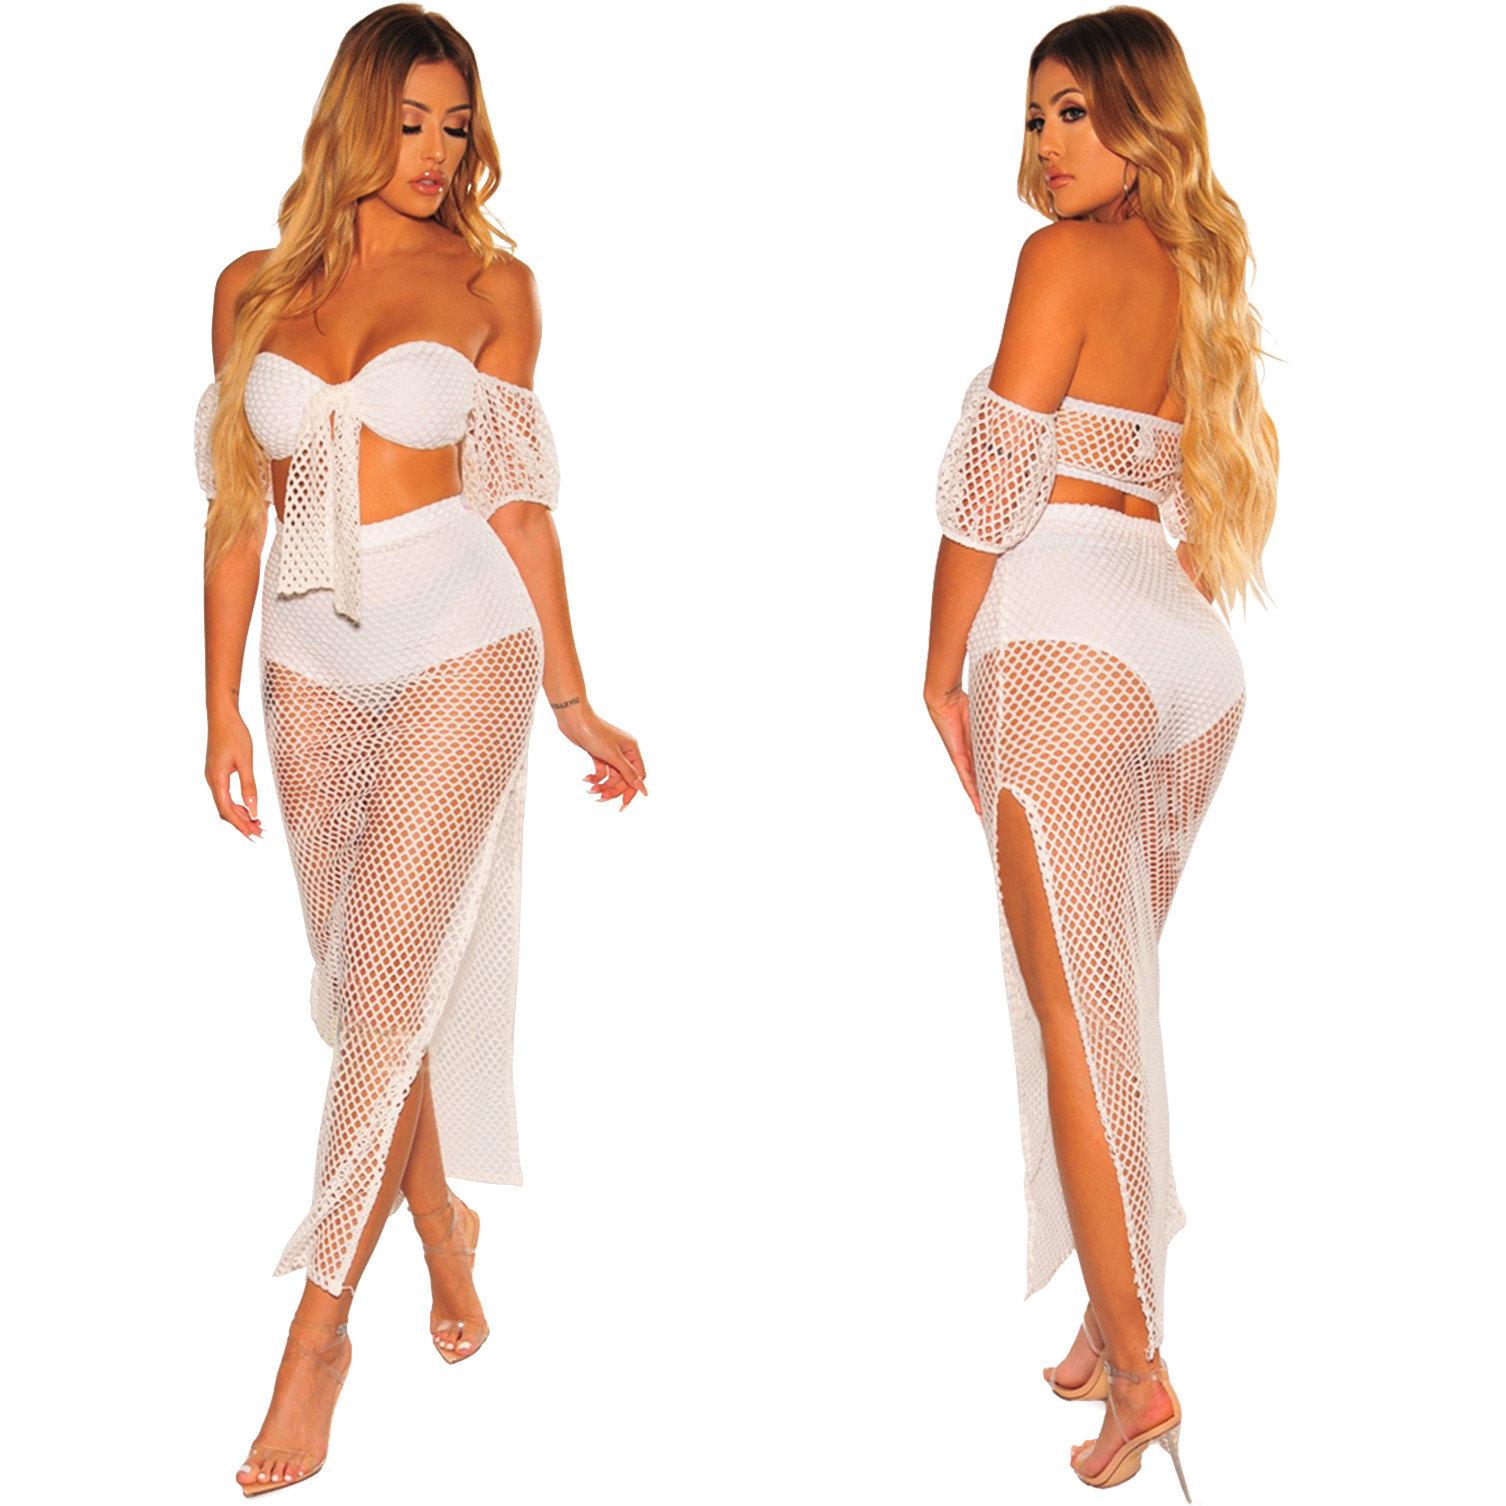 sommer netzkleid strandkleider lang kleid zweiteilig transparent mit schlitz